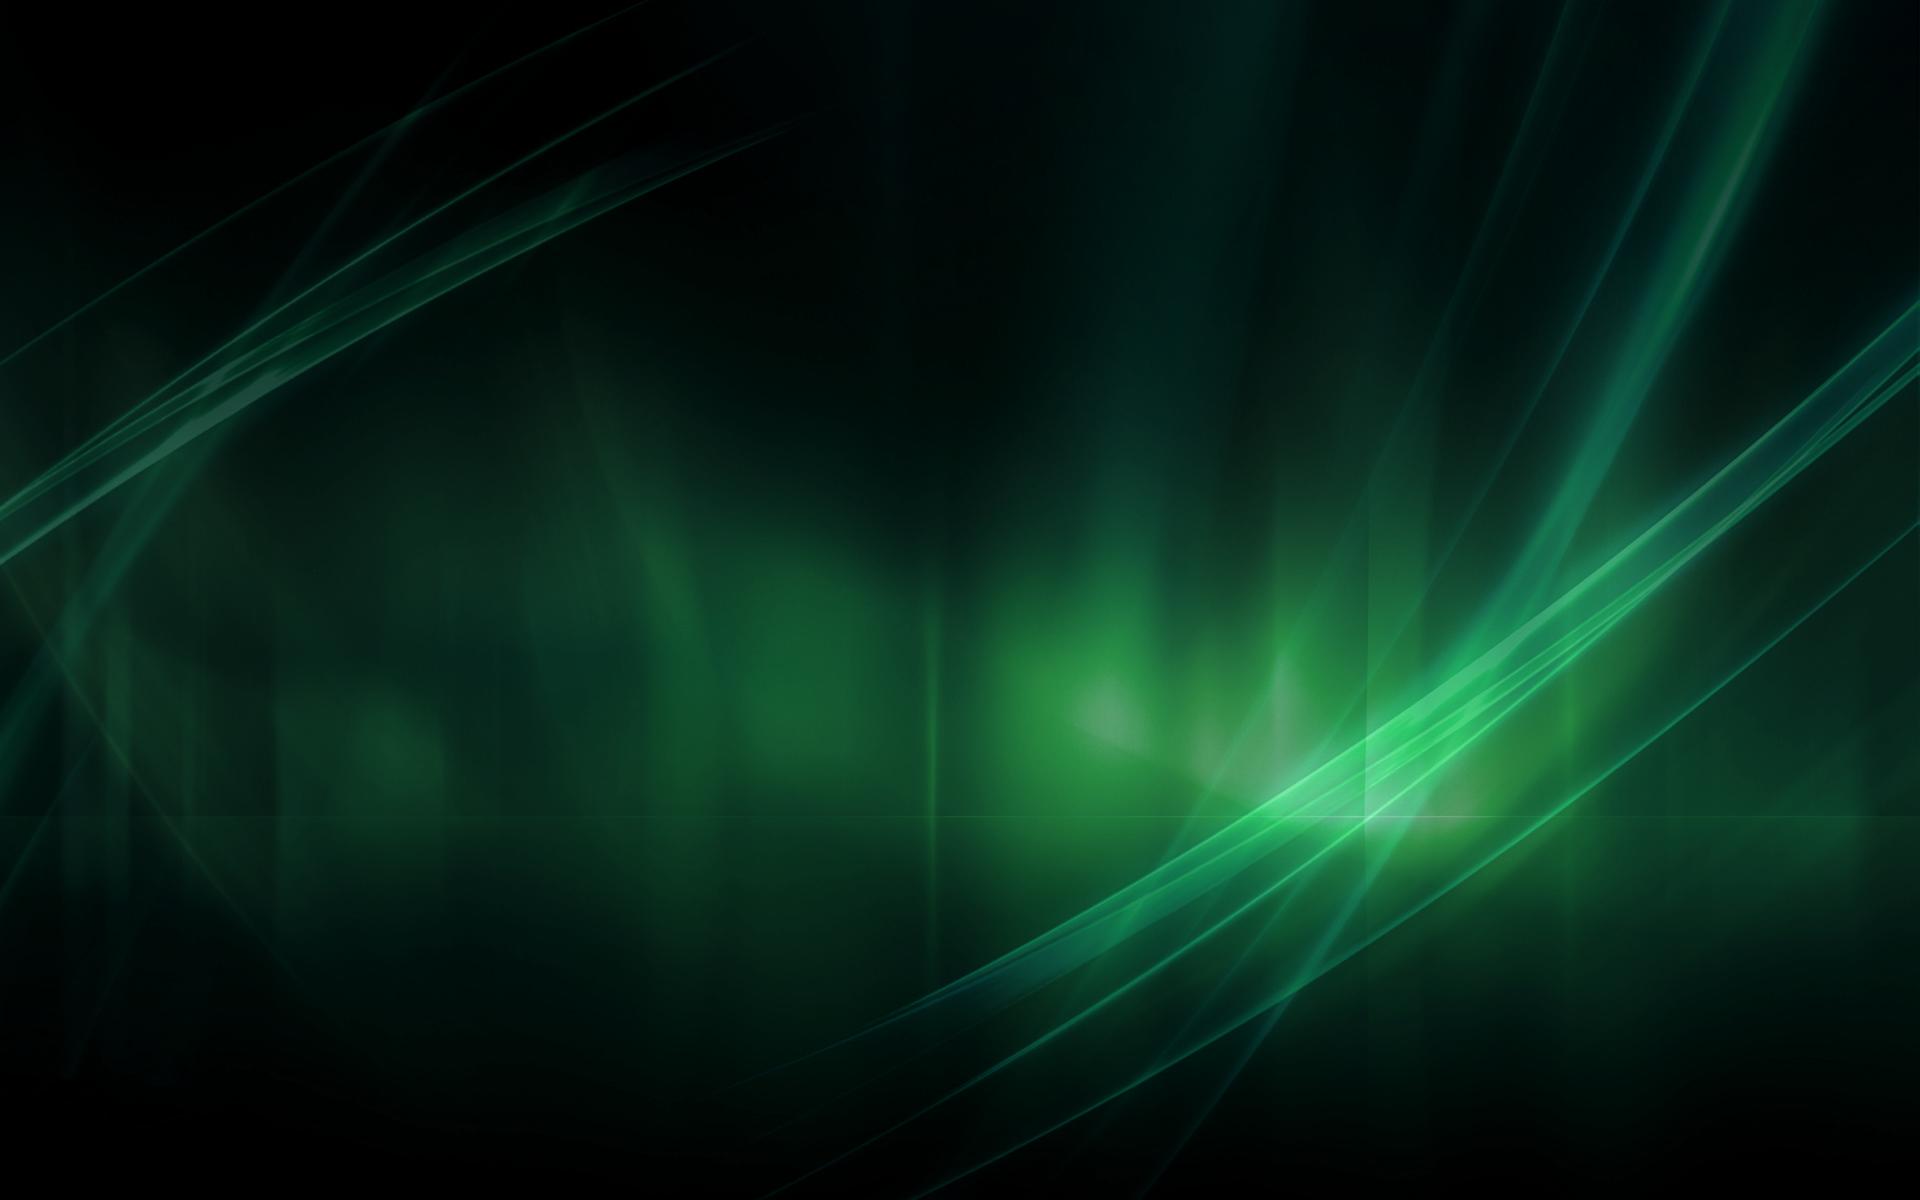 Fondo De Pantalla Sencillo De Color Verde